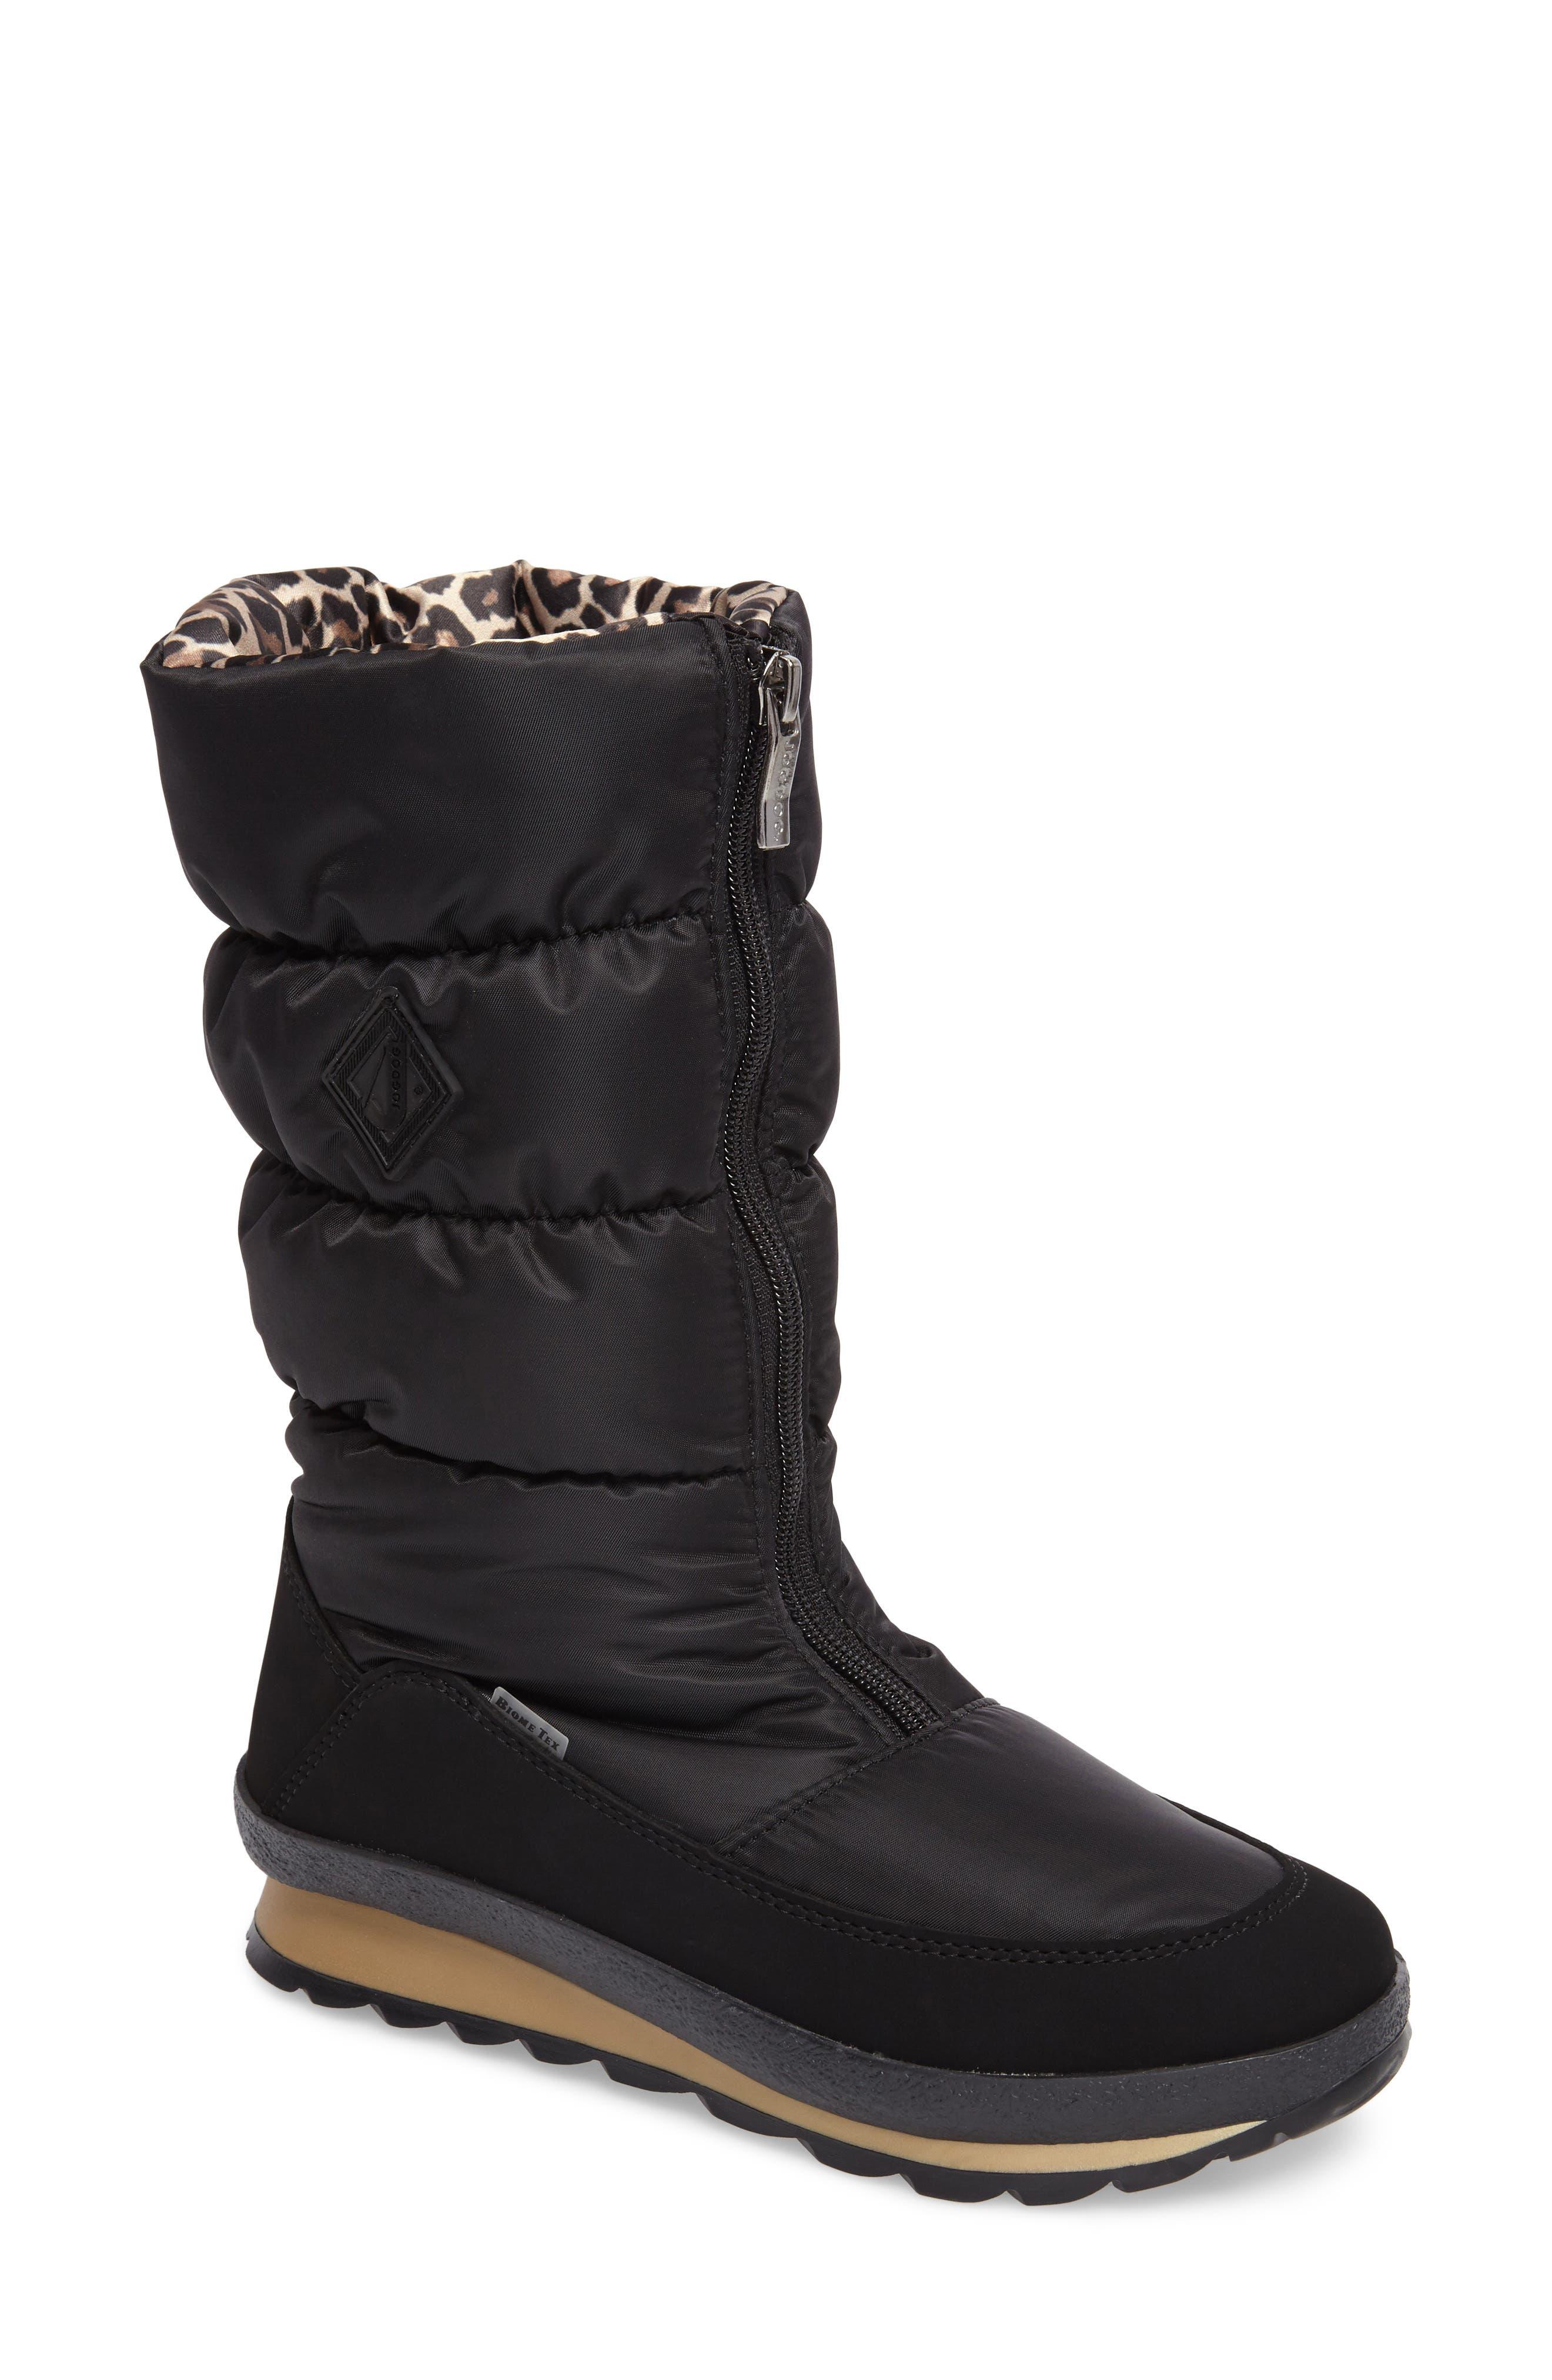 JOG DOG Cervina Waterproof Zip-Up Channel Quilted Boot (Women)